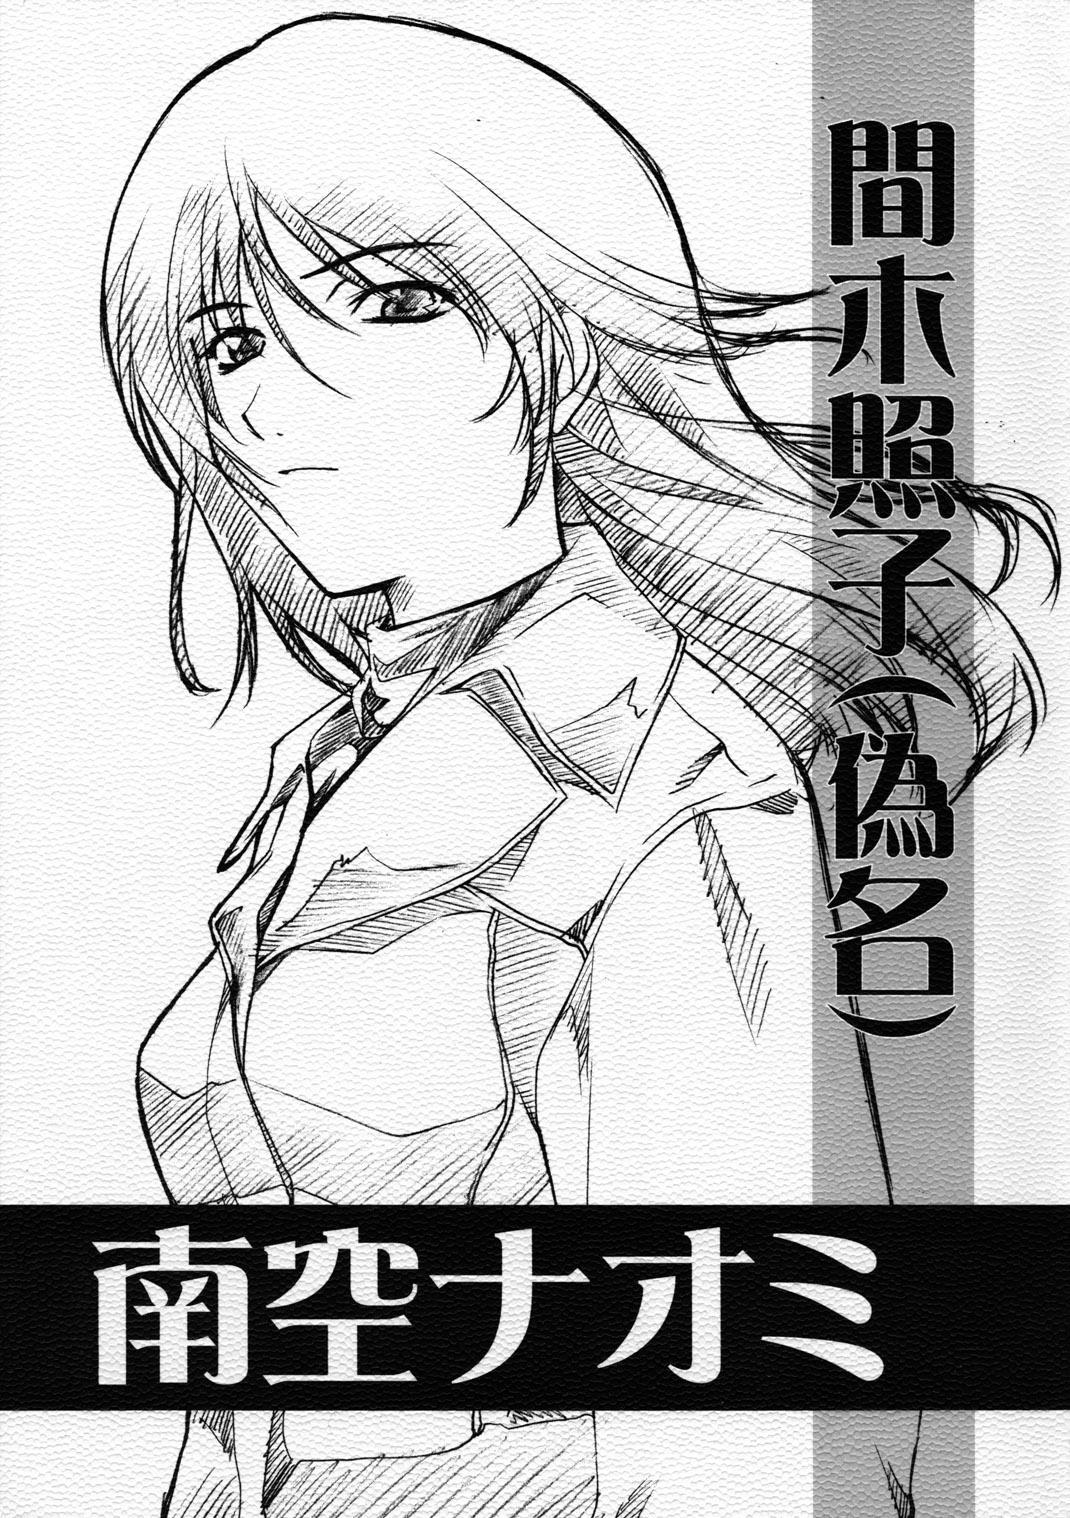 (CR35) [P-FOREST (Hozumi Takashi)] Maki Shouko(Gimei) Misora Naomi (Death Note) 0